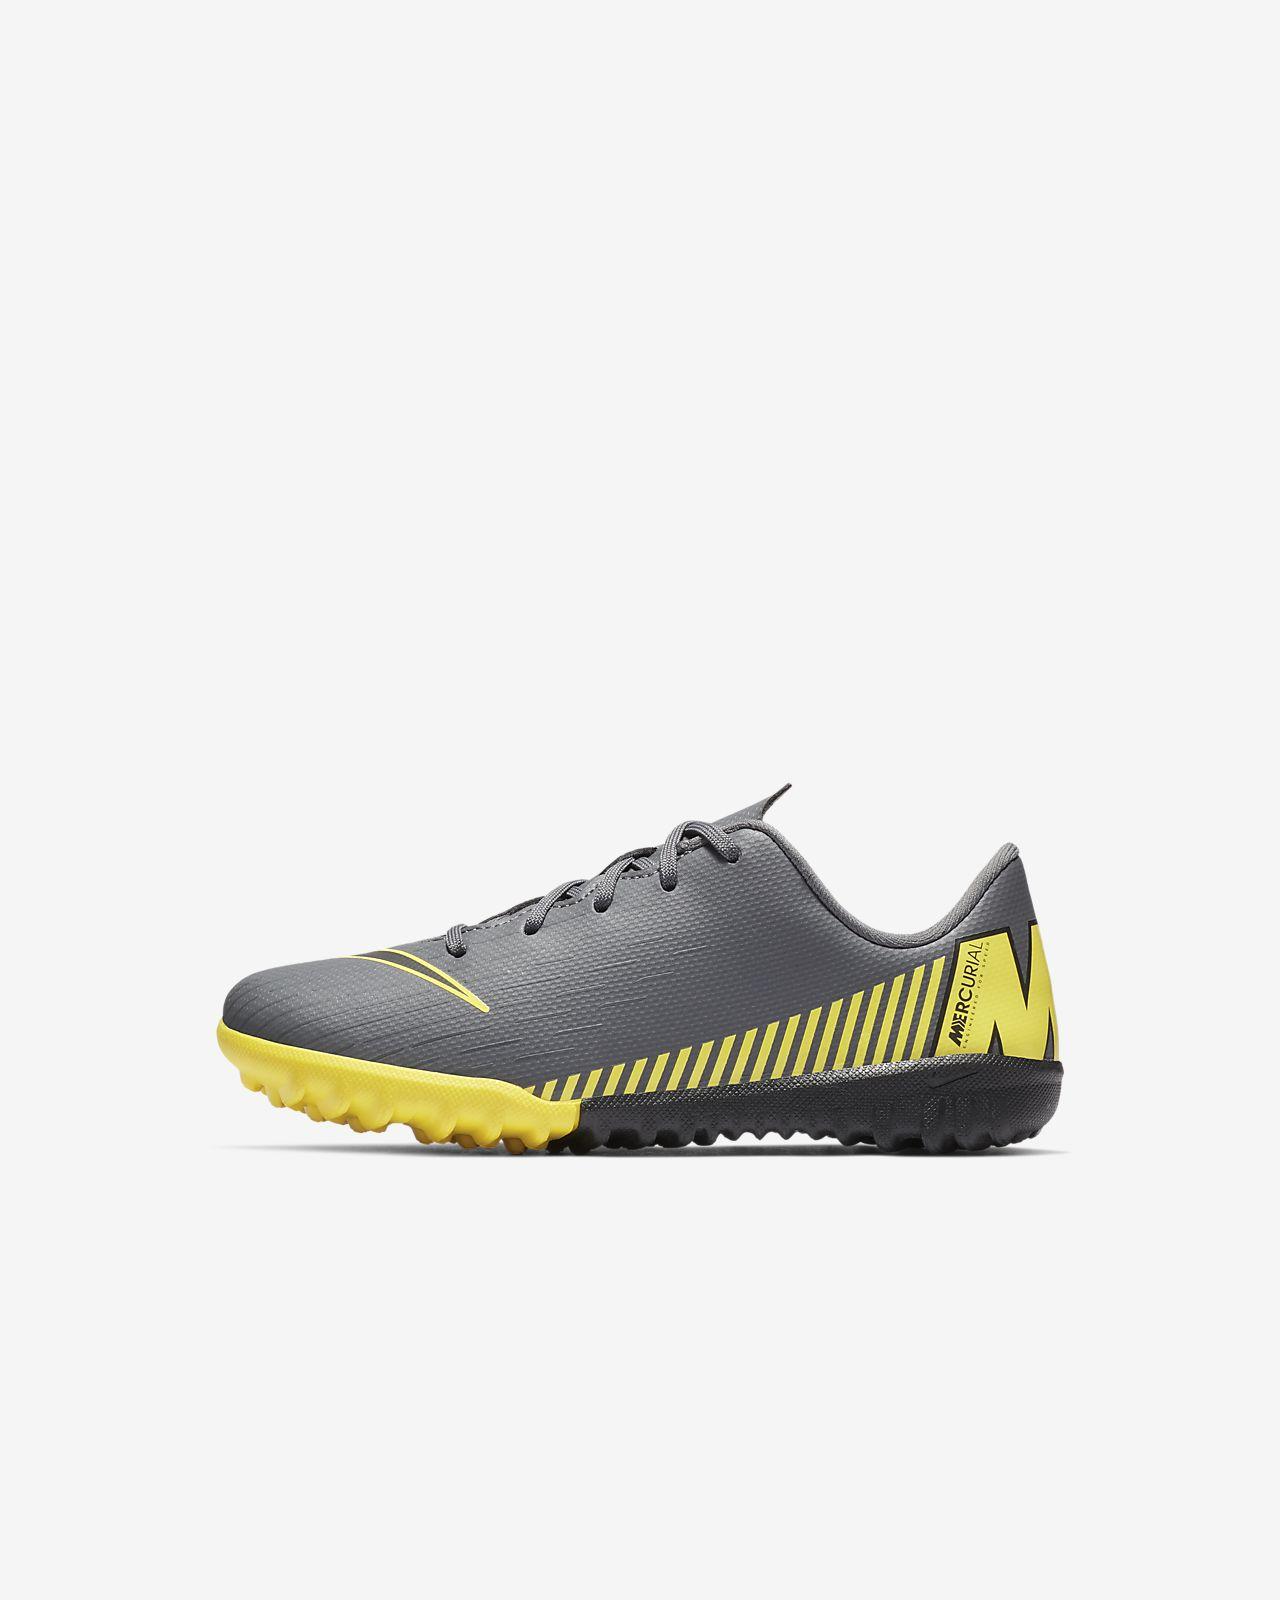 8d9809182126a ... Calzado de fútbol para terreno artificial para niños talla pequeña Nike  Jr. MercurialX Vapor 12